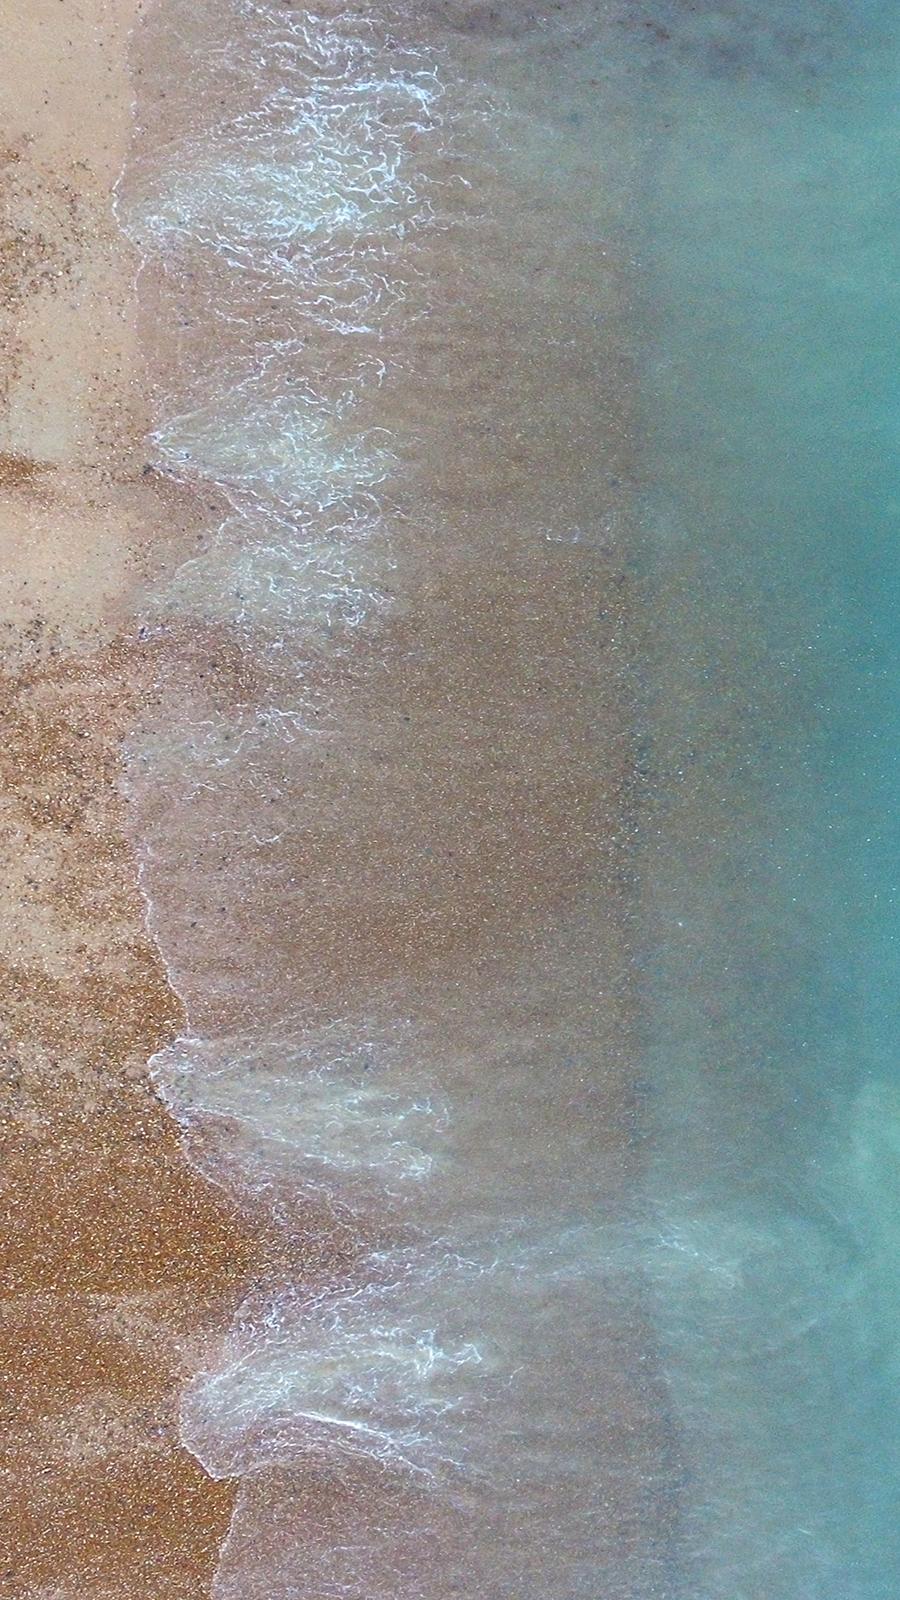 Sea, Beach, Nature, Wallpapers Free Download Phone & Desktop